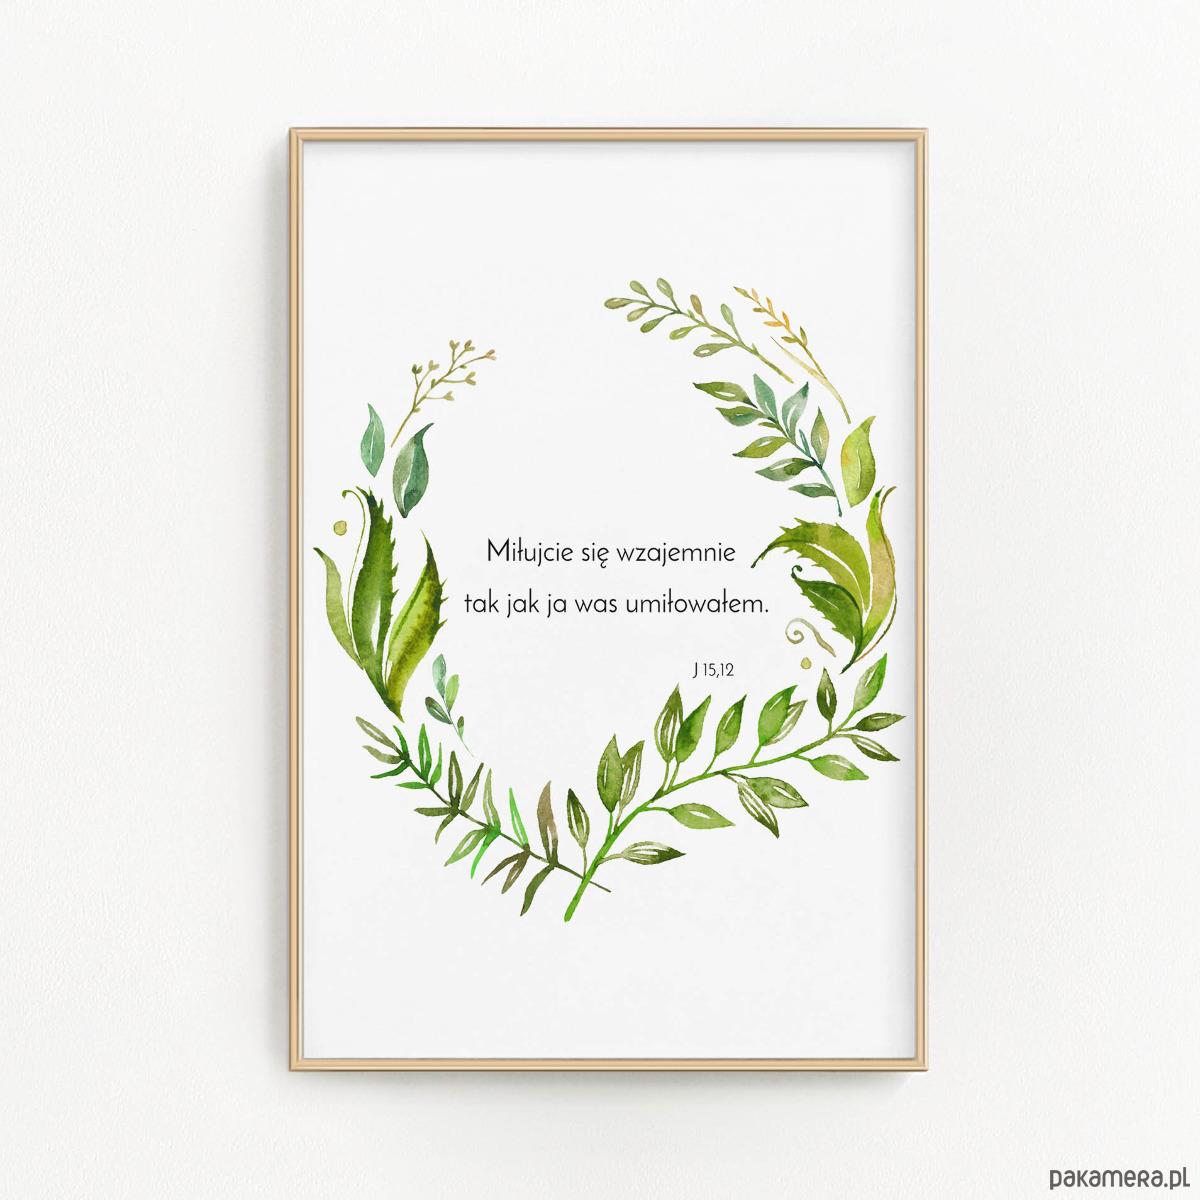 Plakat ślubny Prezent Cytat Biblia Miłujcie Się Pakamerapl